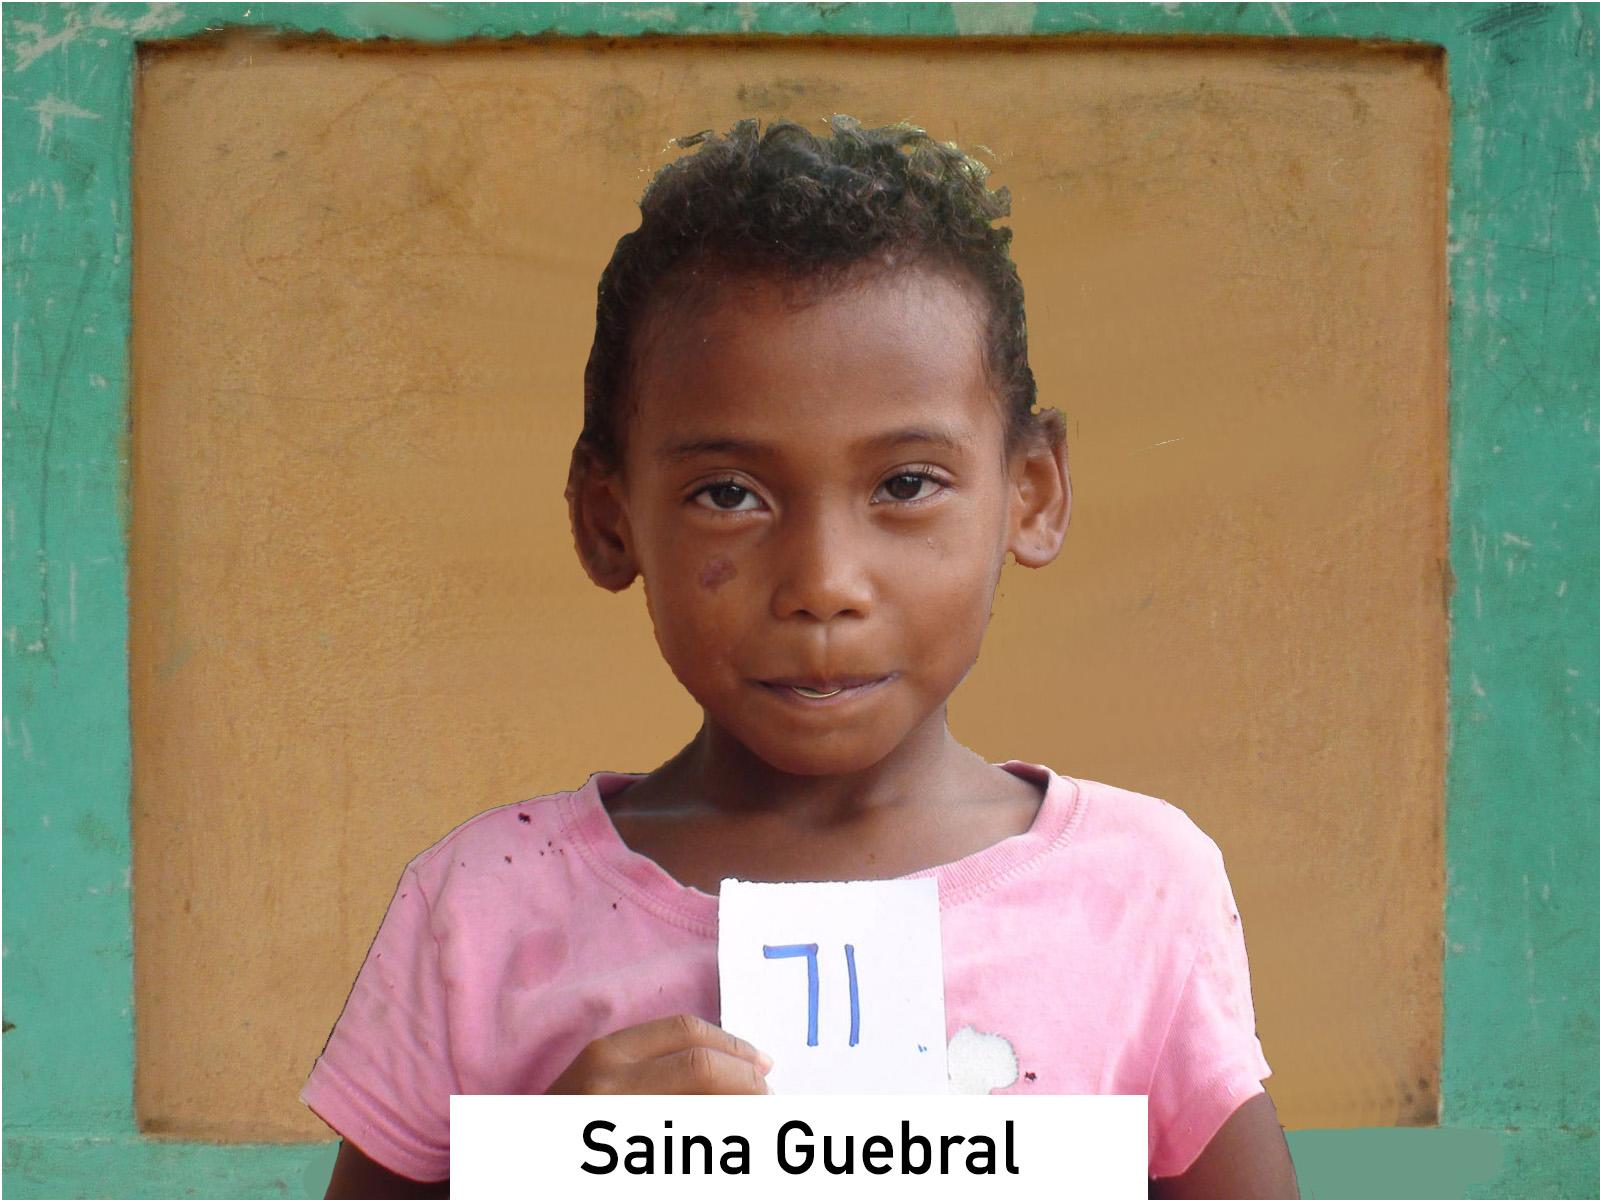 071 - Saina Guebral.jpg